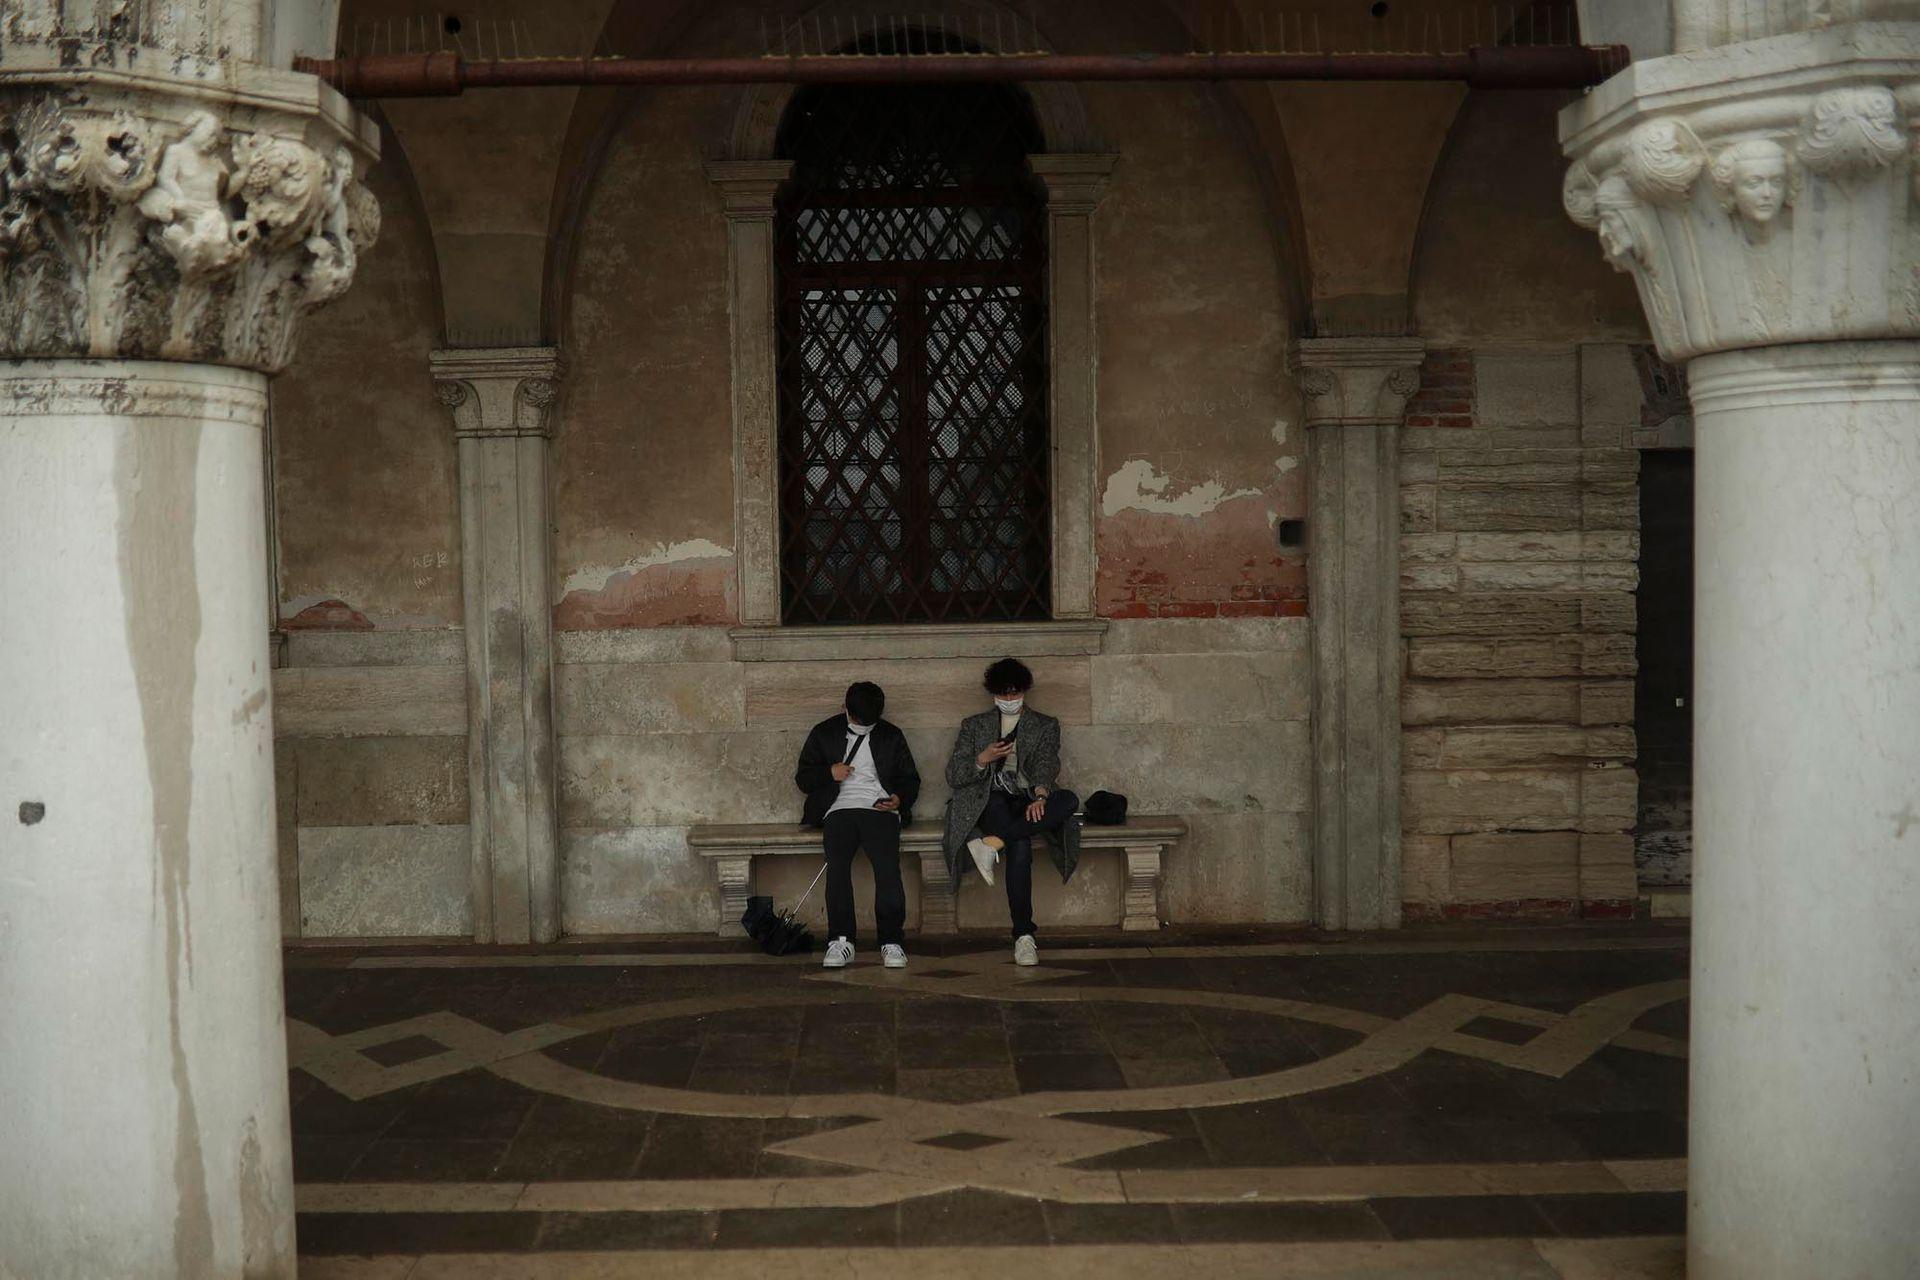 Turistas con barbijos miran sus celulares mientras descansan en la plaza de San Marcos en Venecia, el domingo 1 de marzo de 2020.